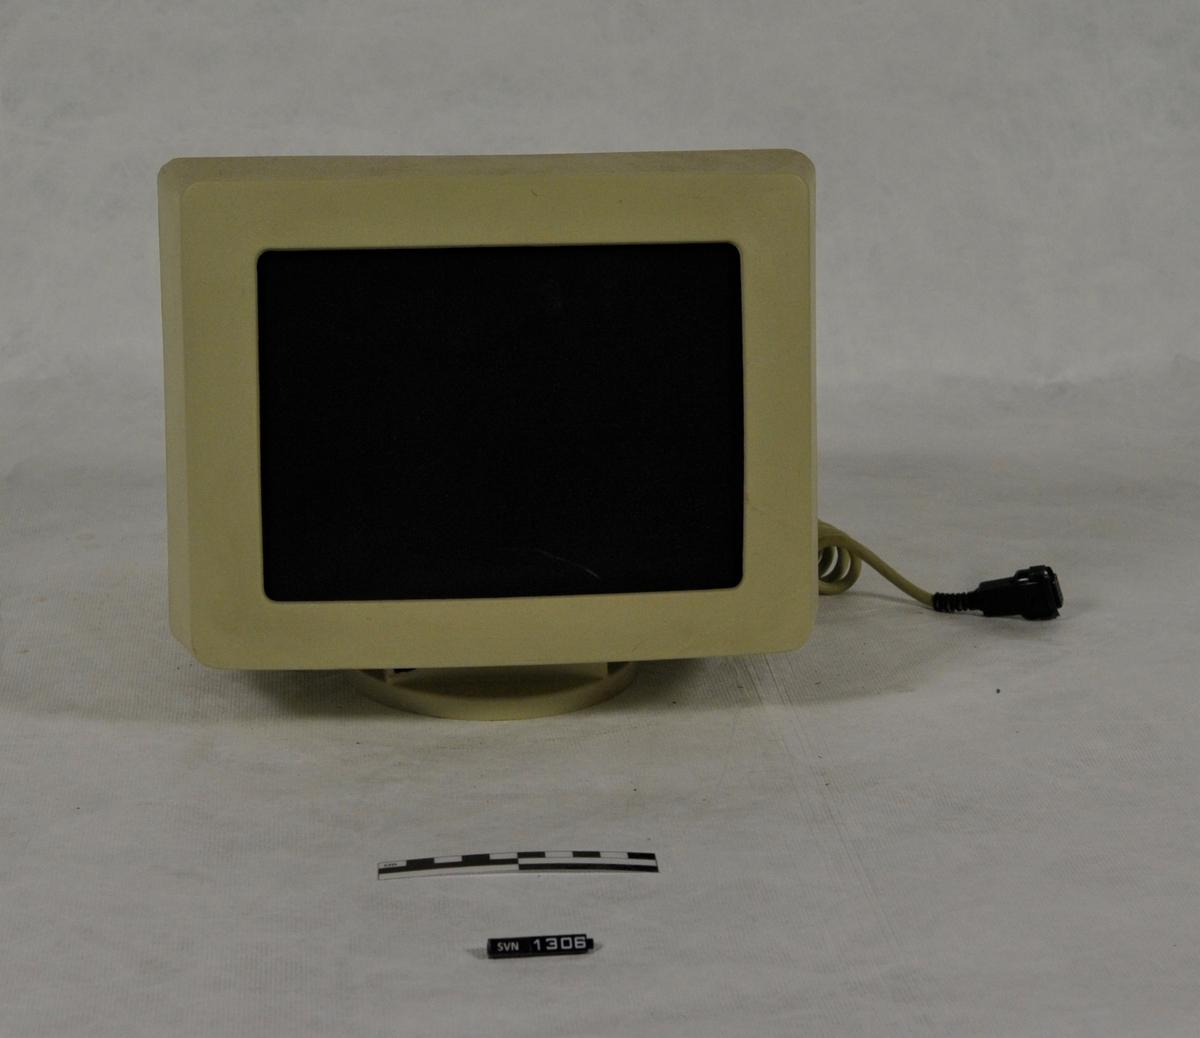 Datamaskinen består av kabinett (A), skjerm (B) og tastatur (C). Datamaskinen er gul/meget lys brun. I kabinettet er det to diskettstasjoner. Det var diskett i begge.